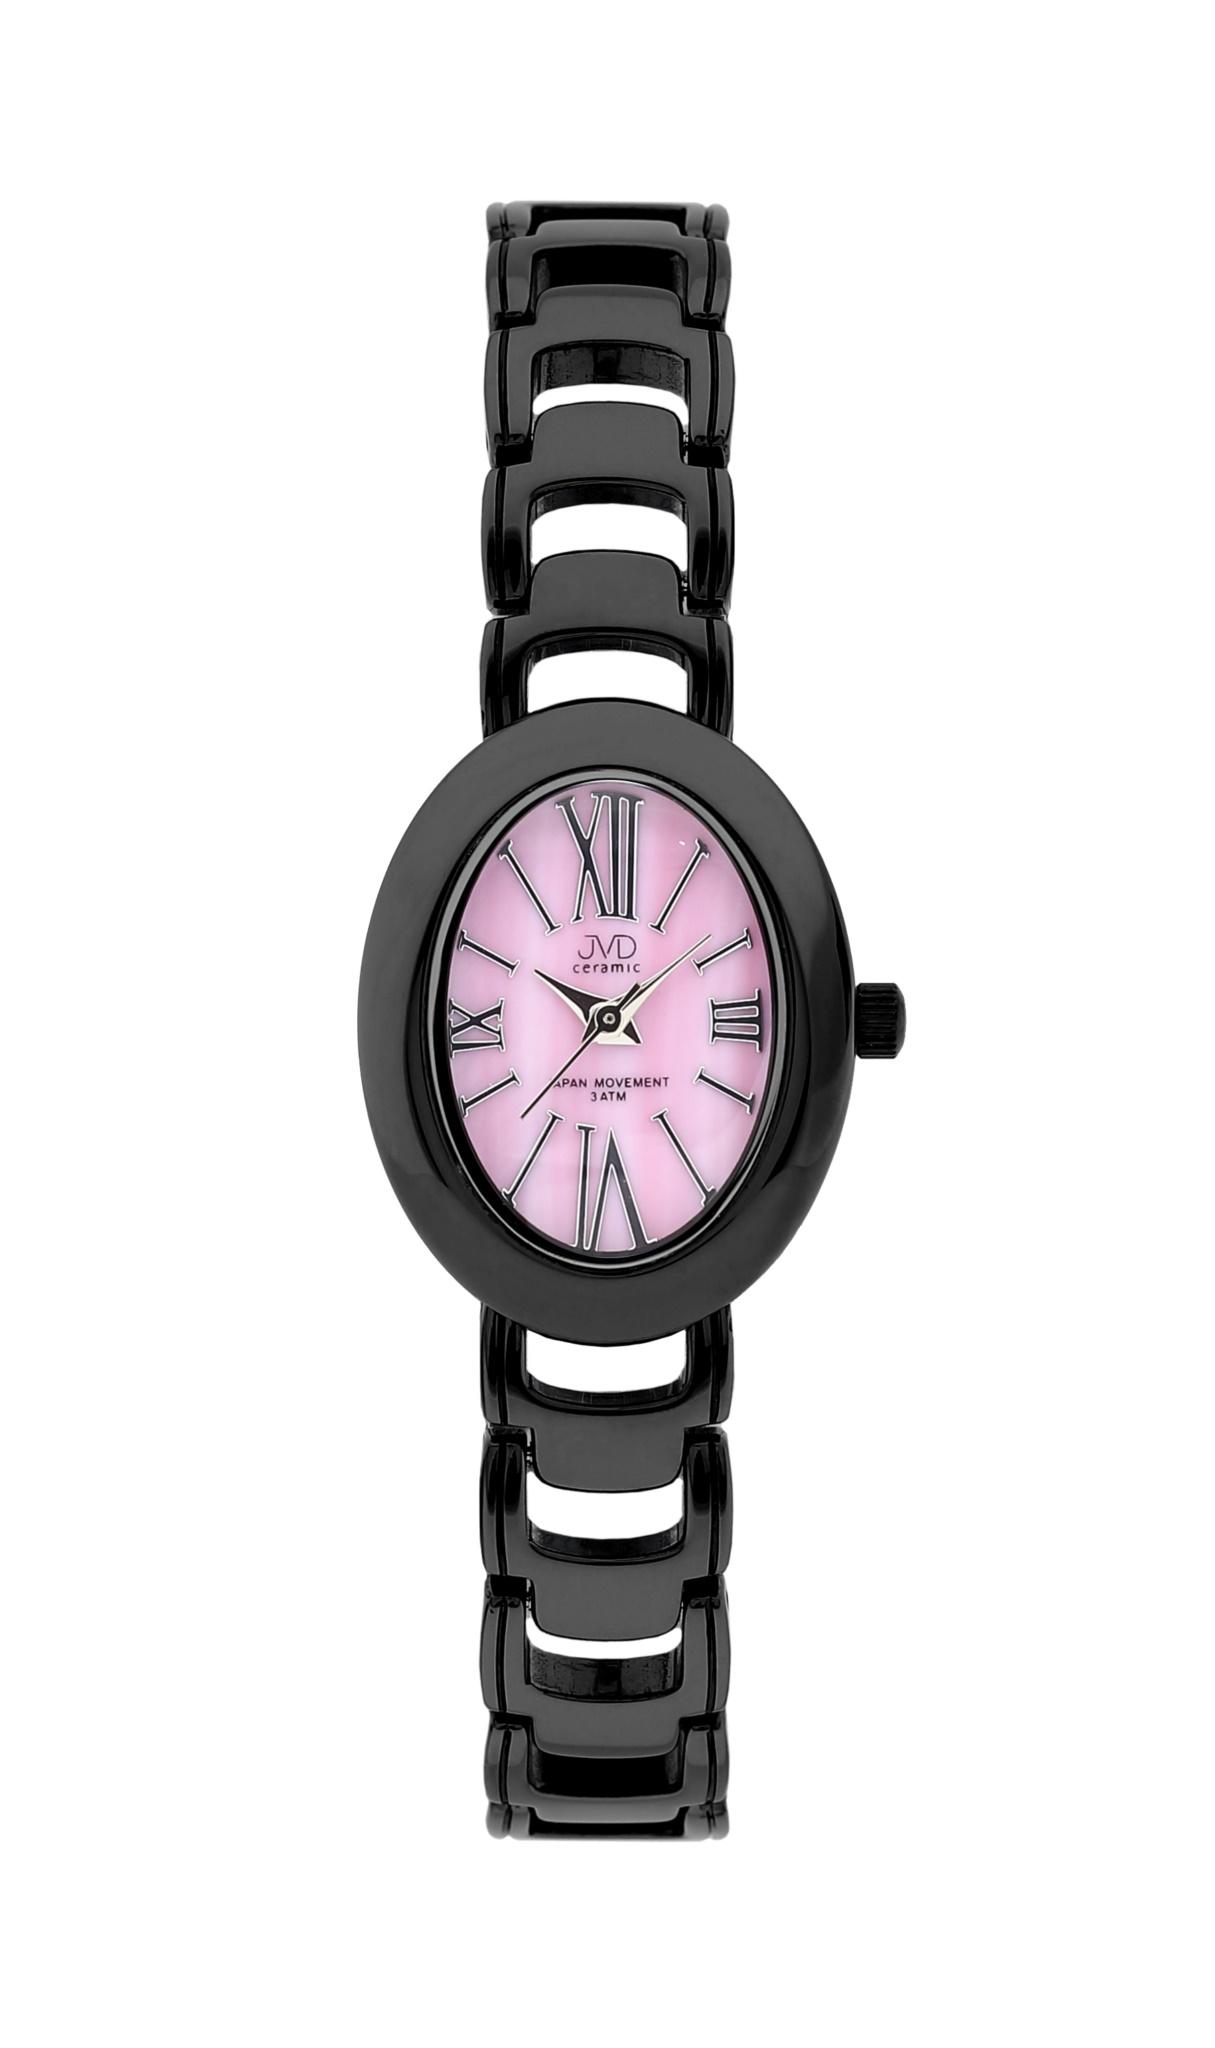 Luxusní keramické dámské náramkové hodinky JVD ceramic J6010.1